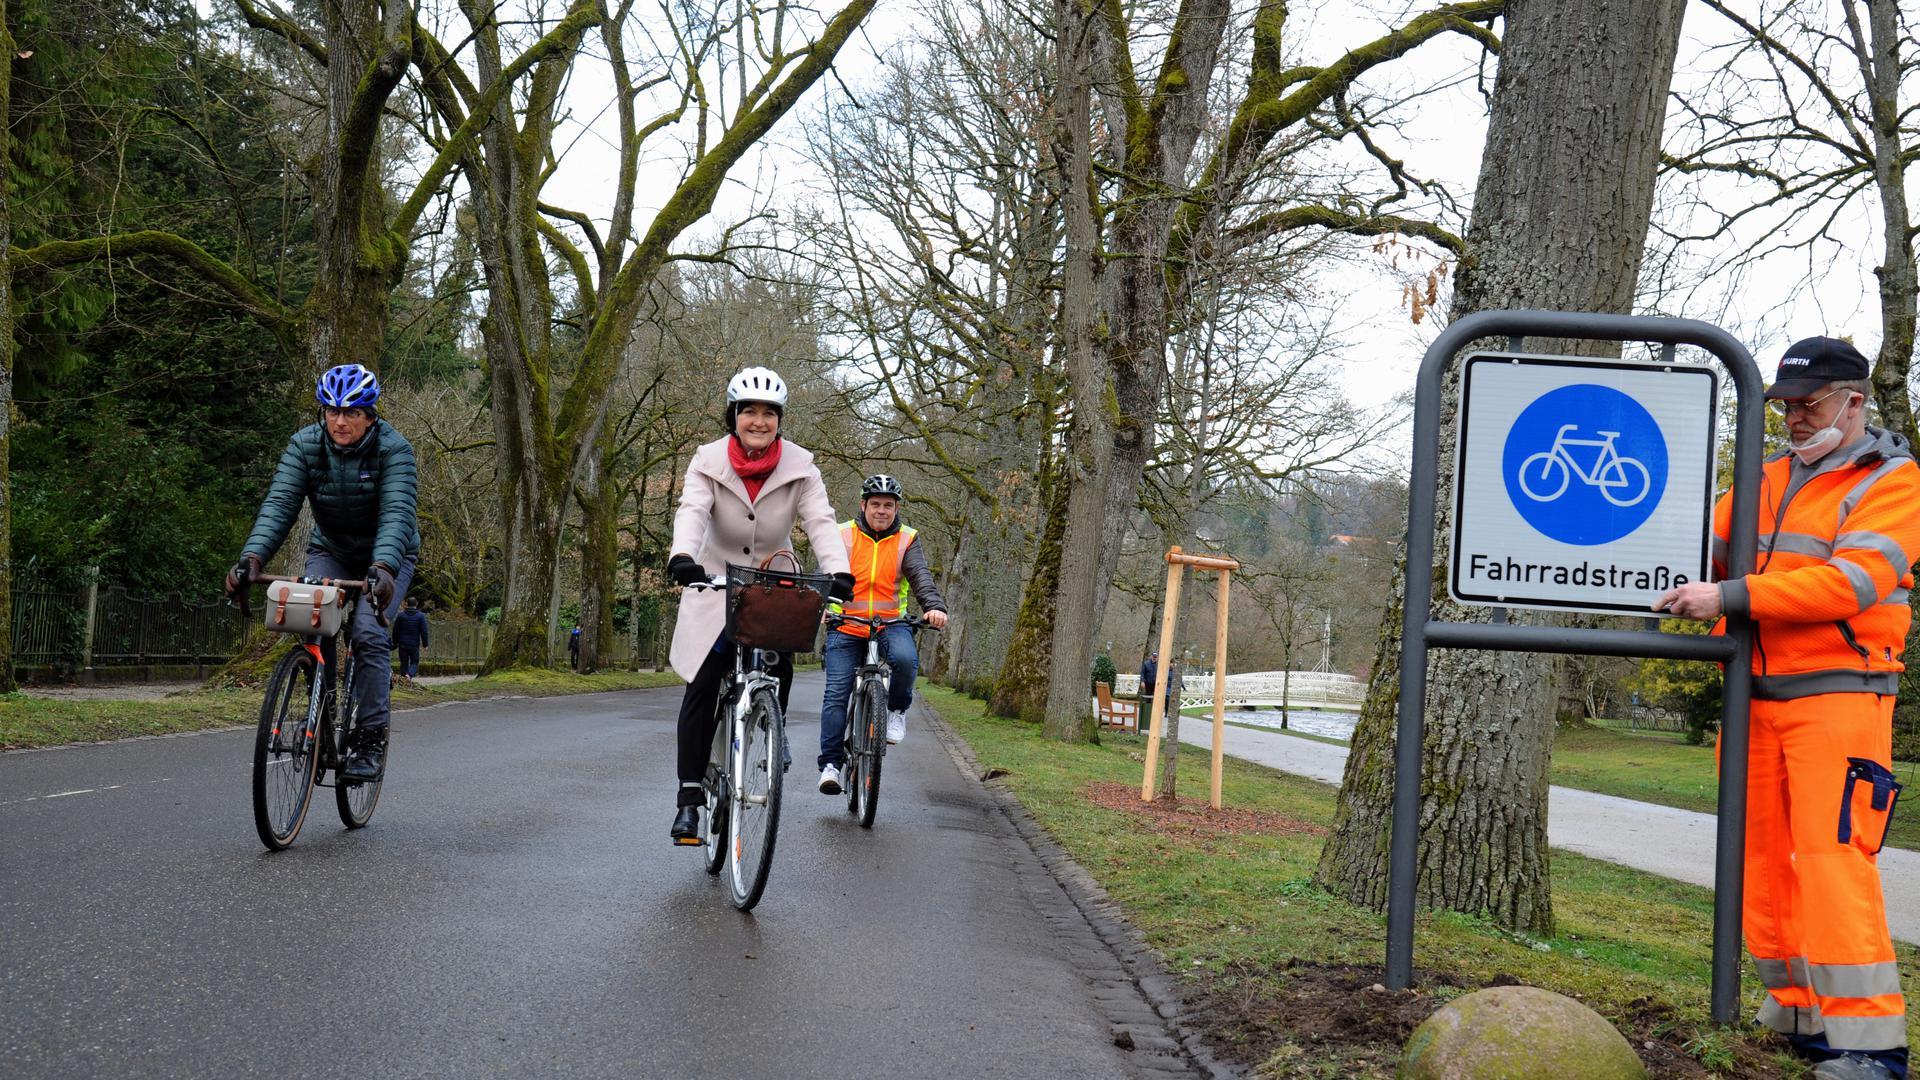 Der Traum vom Radler-Paradies in Baden-Baden wird immer konkreter. Durch ein Förderprogramm des Bundes könnten Schwachstellen beseitigt werden. Das Foto zeigt die jüngste Innovation: Die Eröffnung der verlängerten Fahrradstraße in der Lichtental Allee.